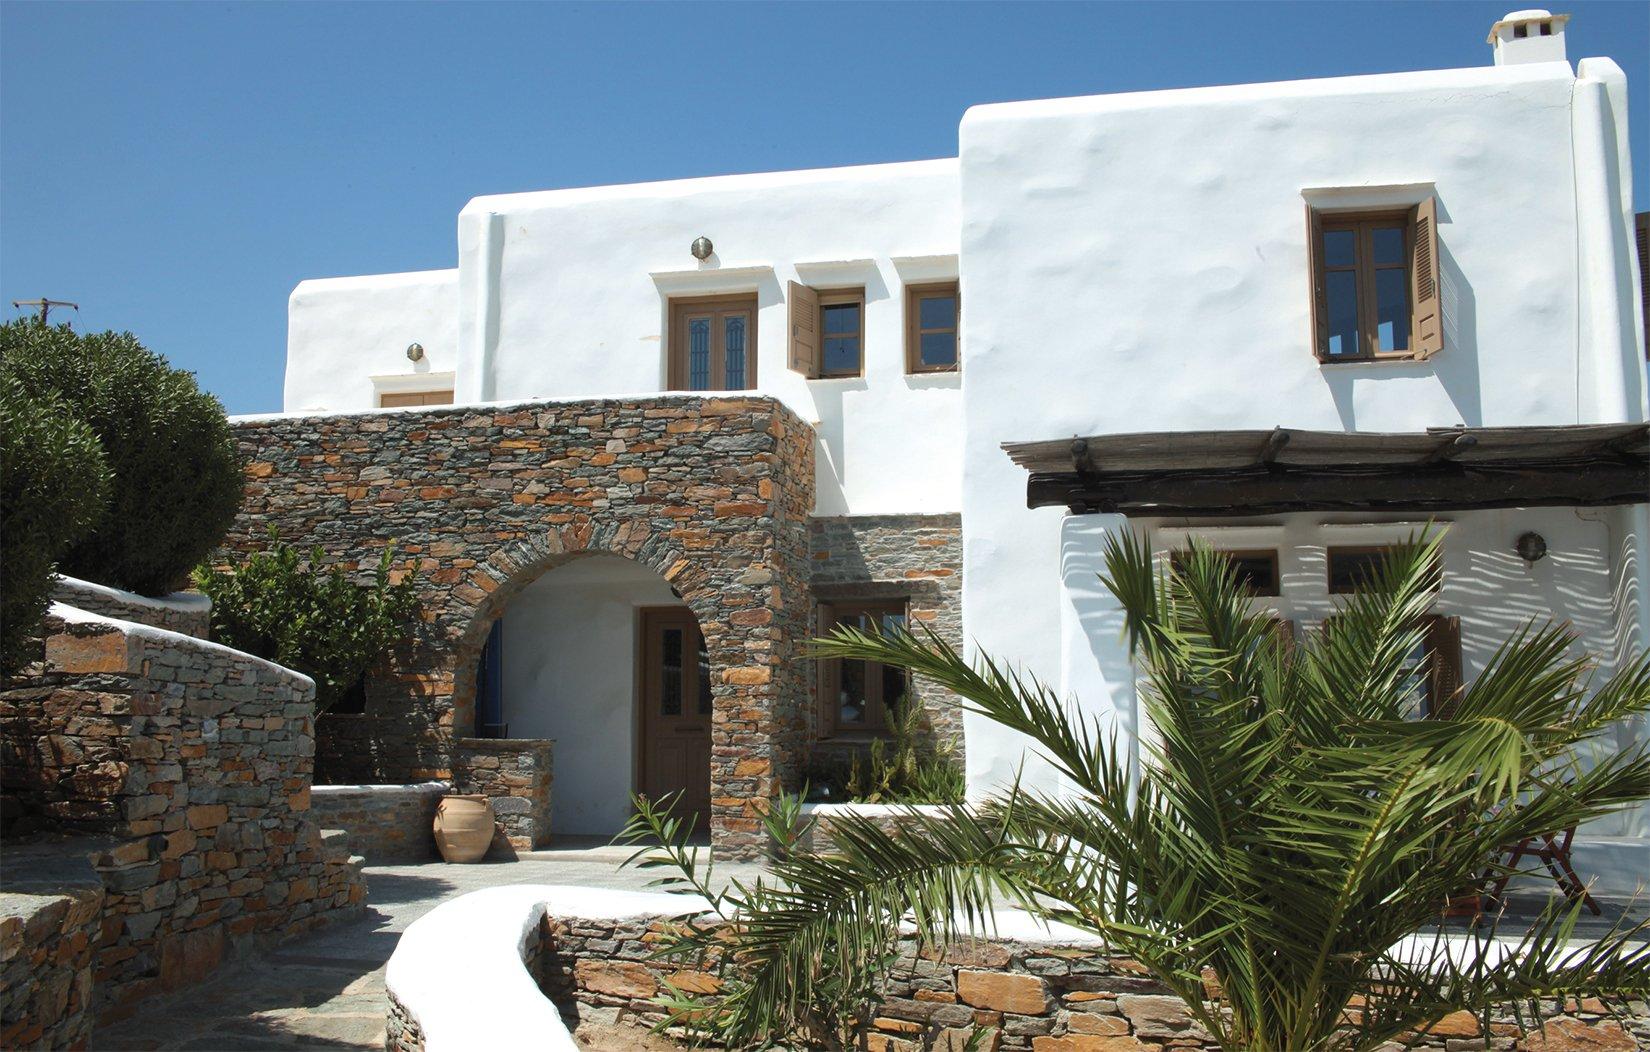 Maison, Kythnos - Ref GR-4893